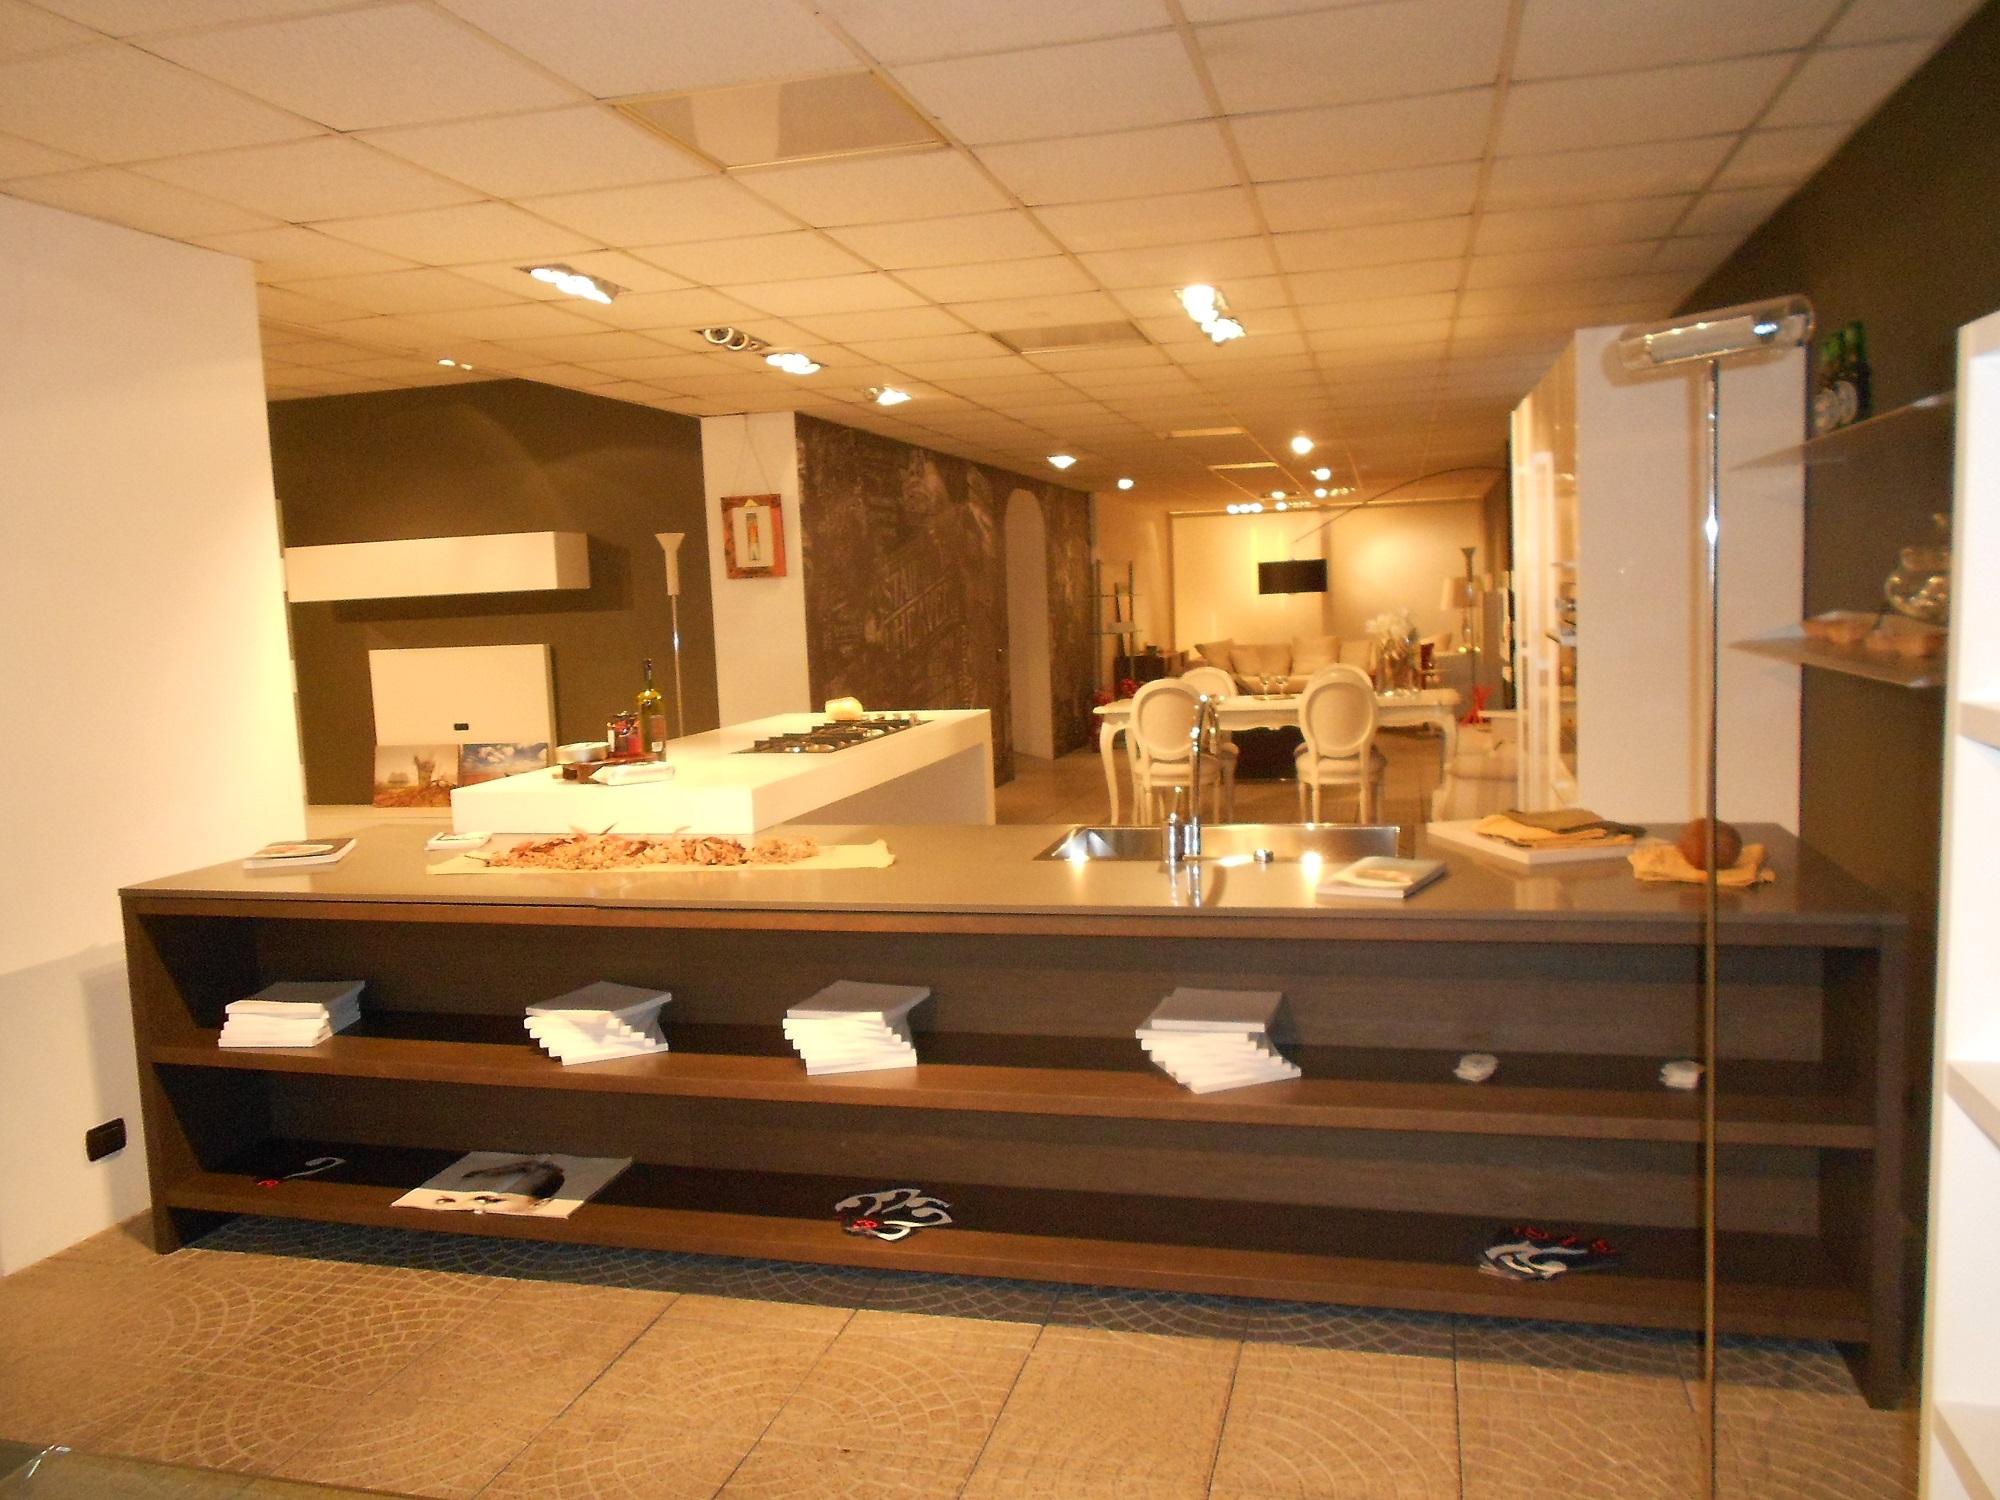 Copat cucine cucina iride design laccato lucido bianca - Spessore top cucina ...